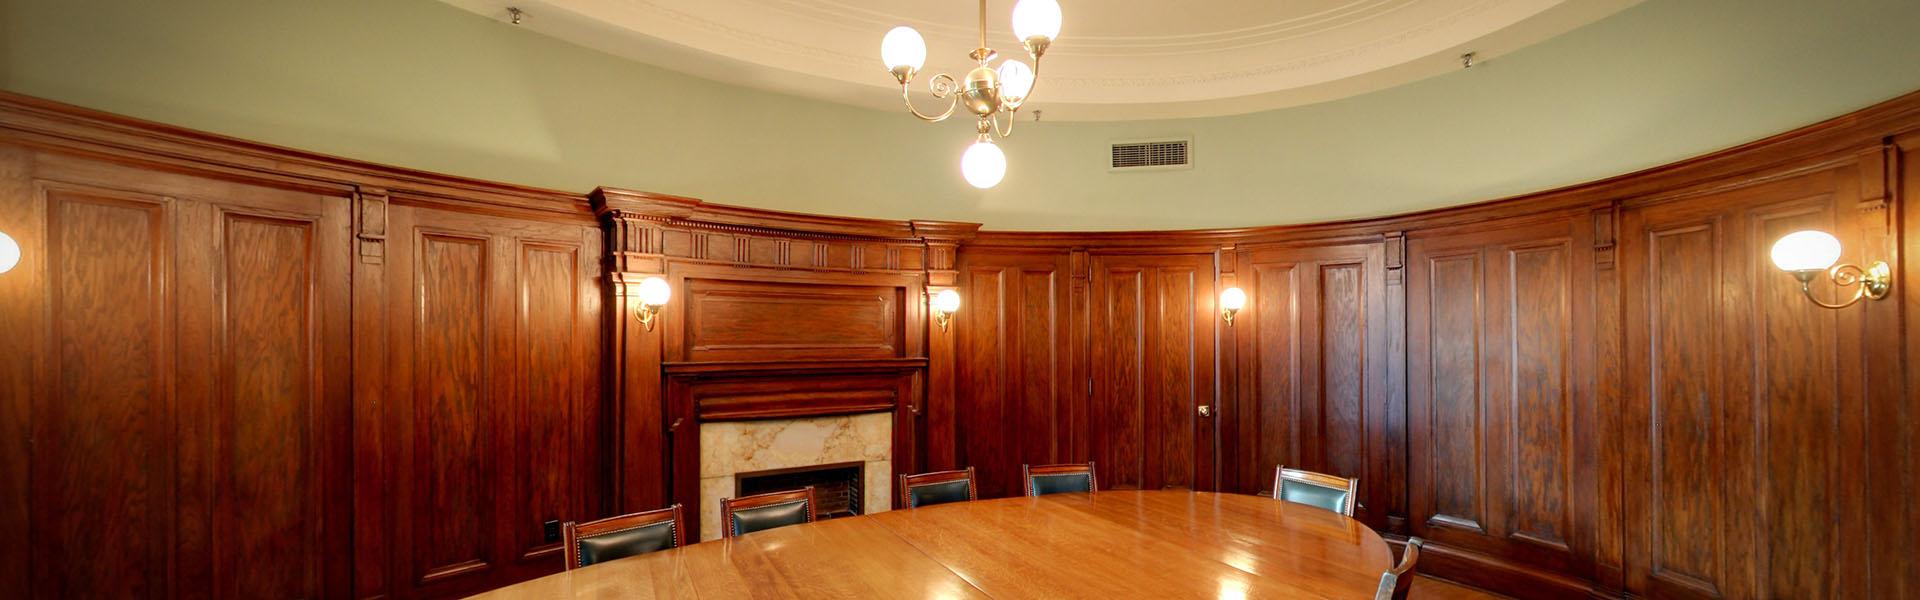 Oval Boardroom, Ontario Heritage Centre